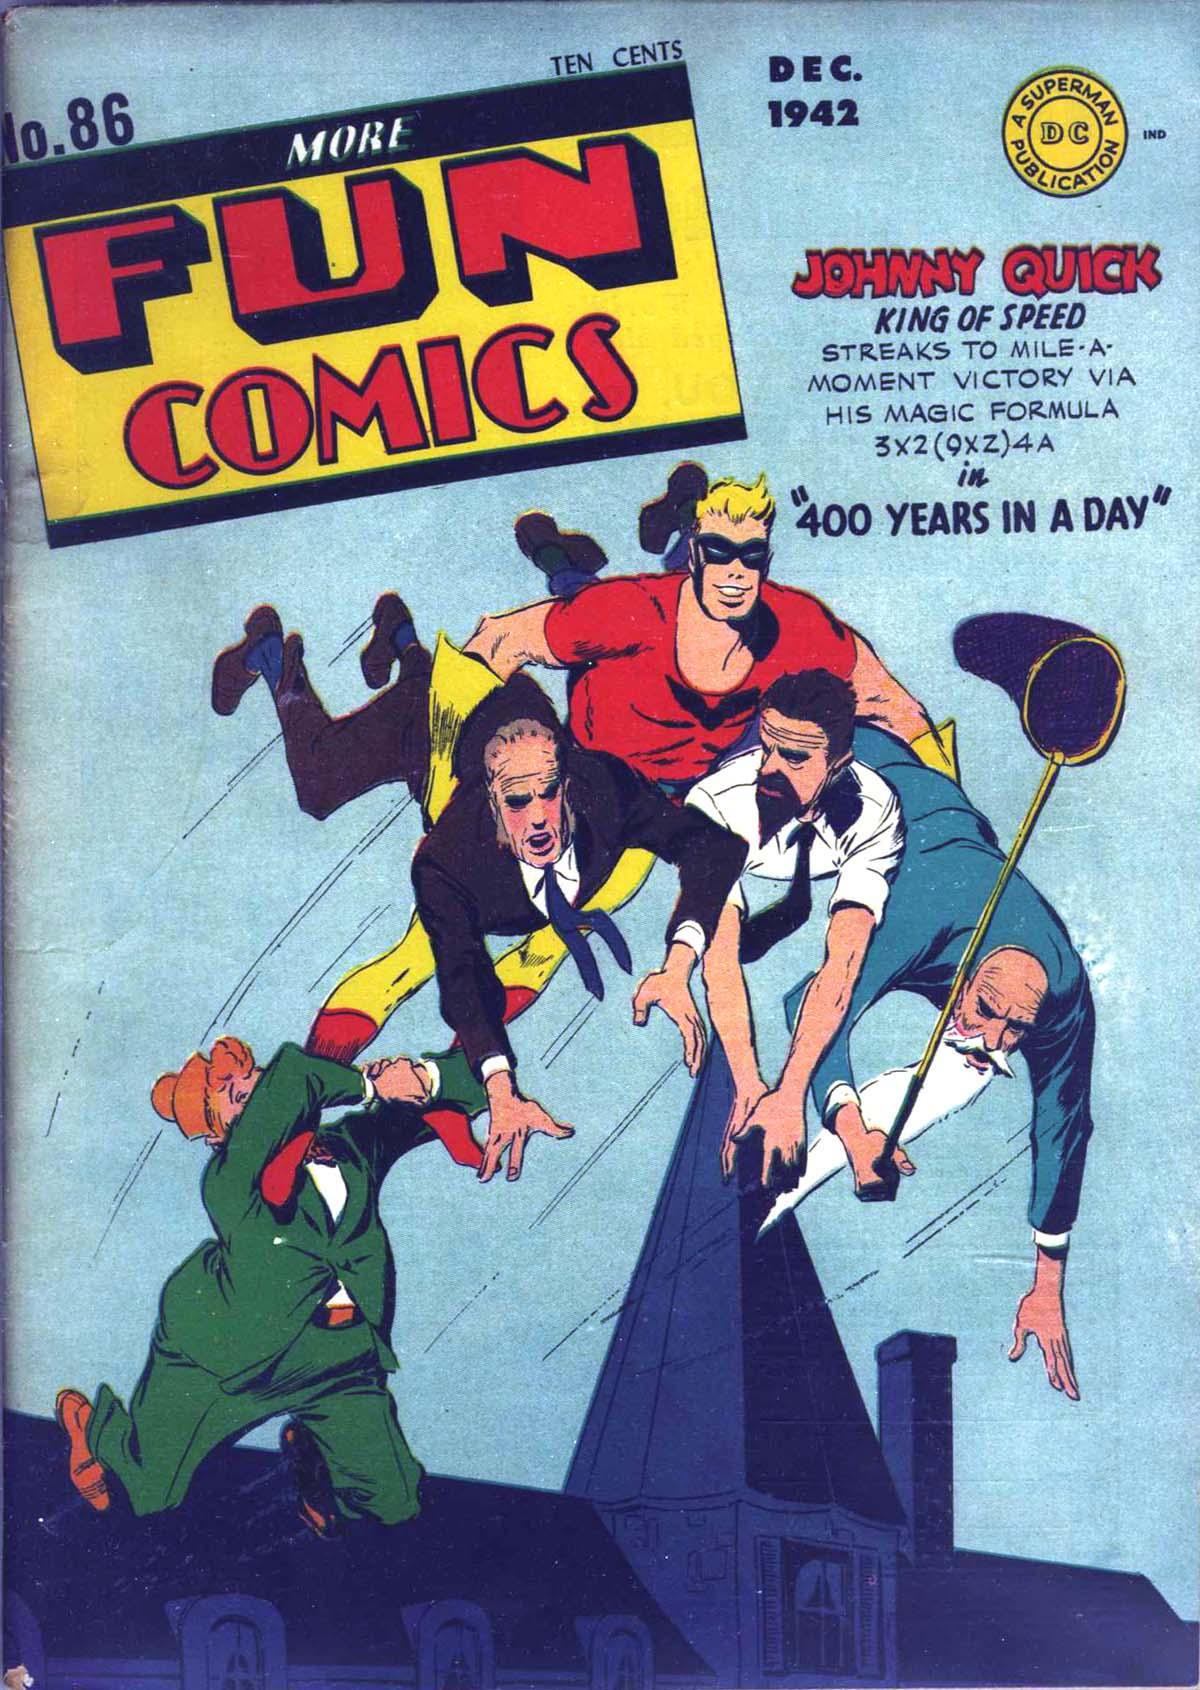 More Fun Comics 86 Page 1